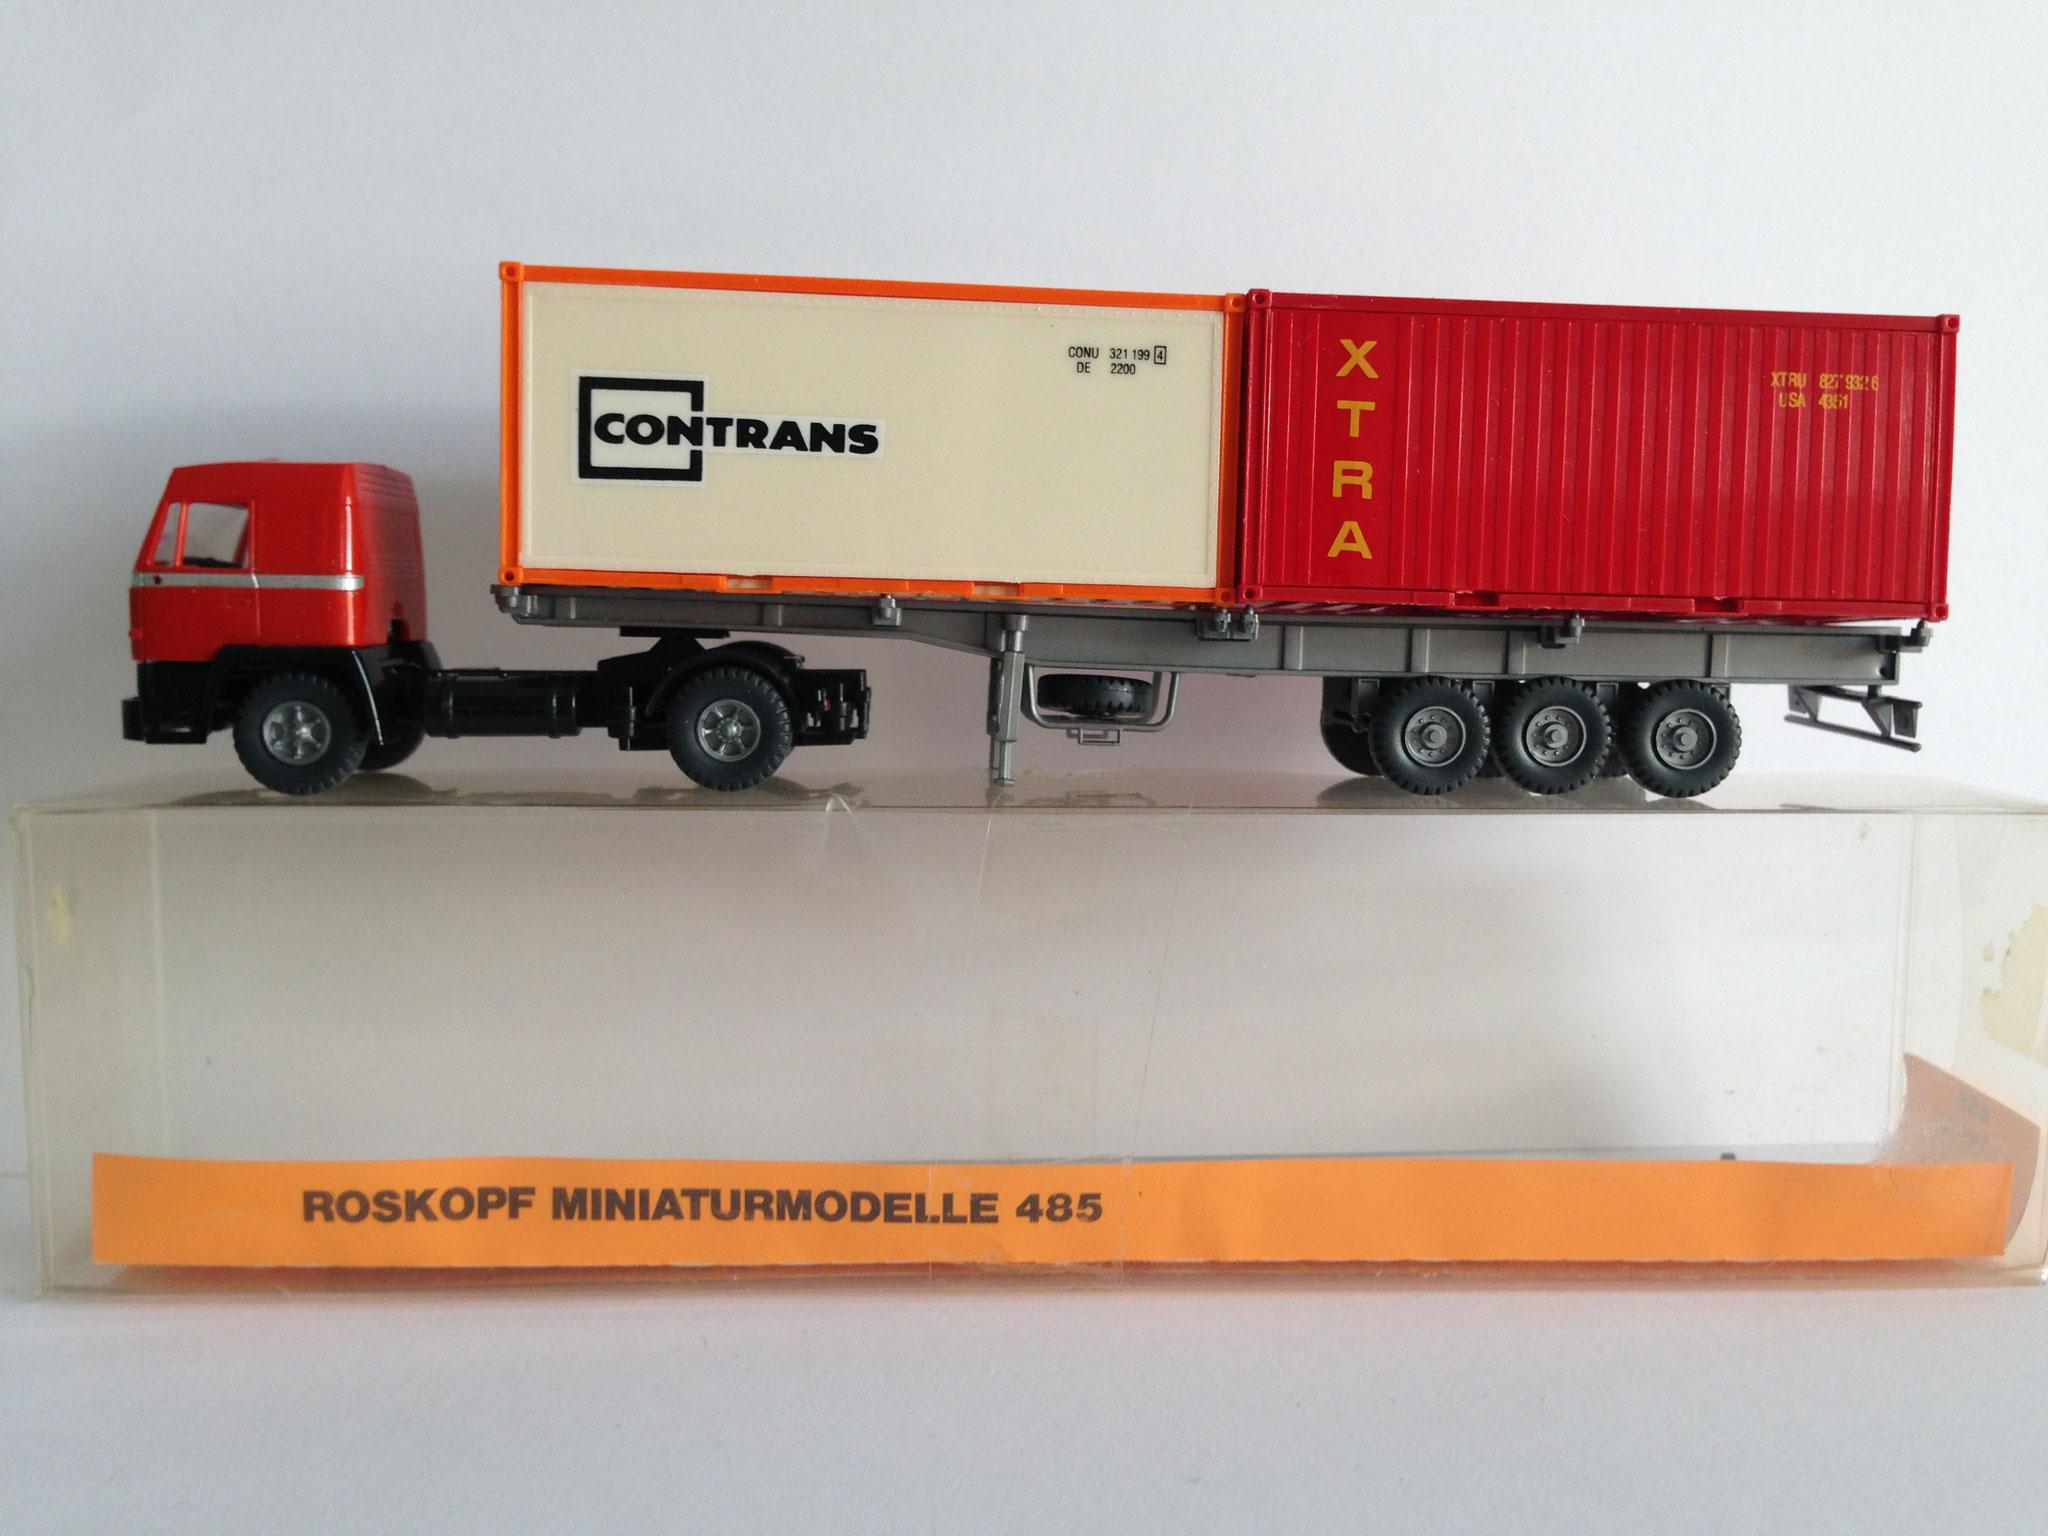 Nr. 485, Sattelschlepper mit 2-achsiger Zugmaschine von Roskopf (1988)